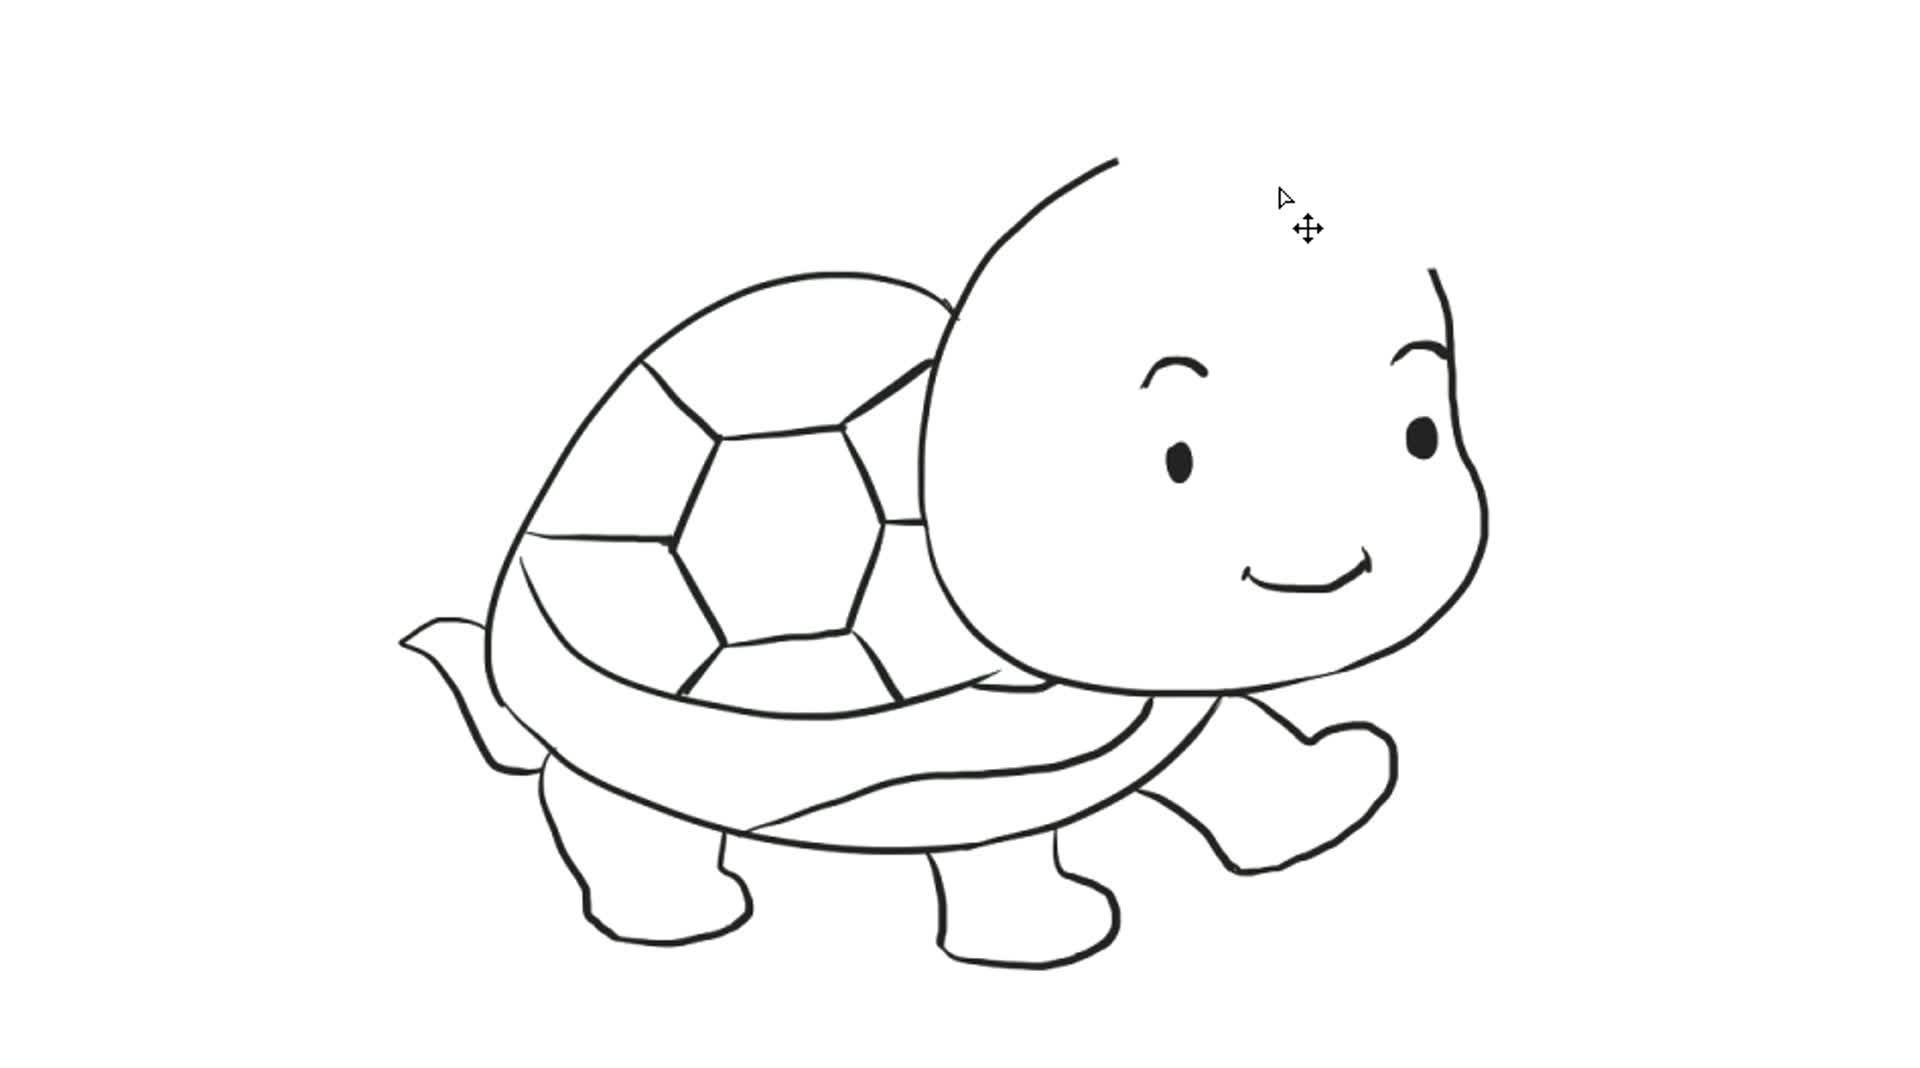 [小林简笔画]教你如何画可爱的小乌龟简笔画画法幼儿儿童绘画教程